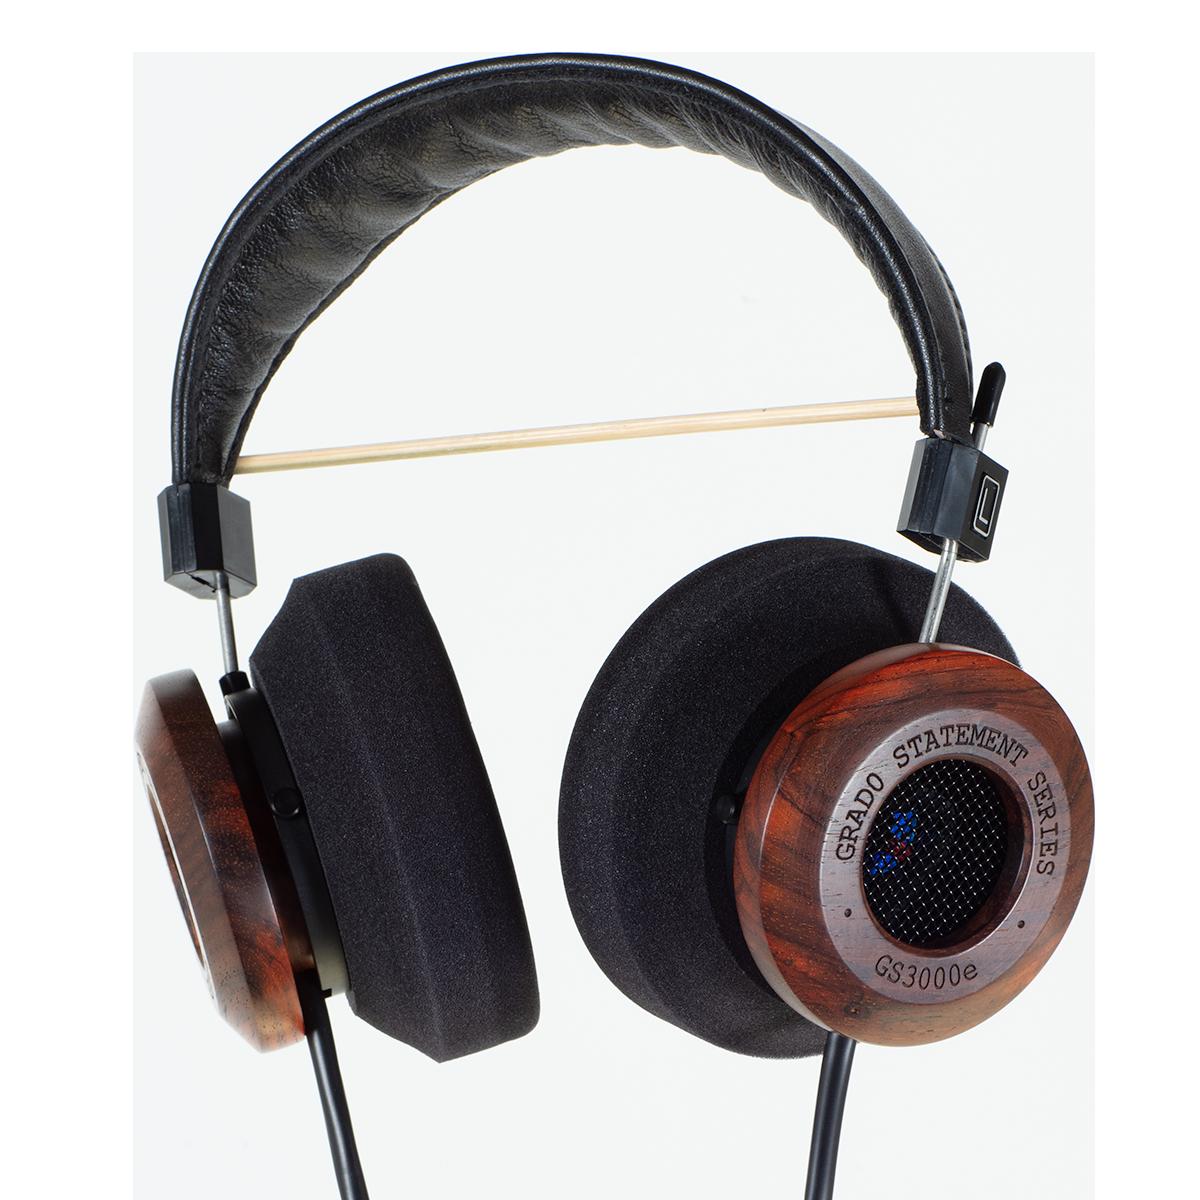 【北京安润】歌德/GRADO GS3000e 头戴式平衡HIFI发烧木碗耳机